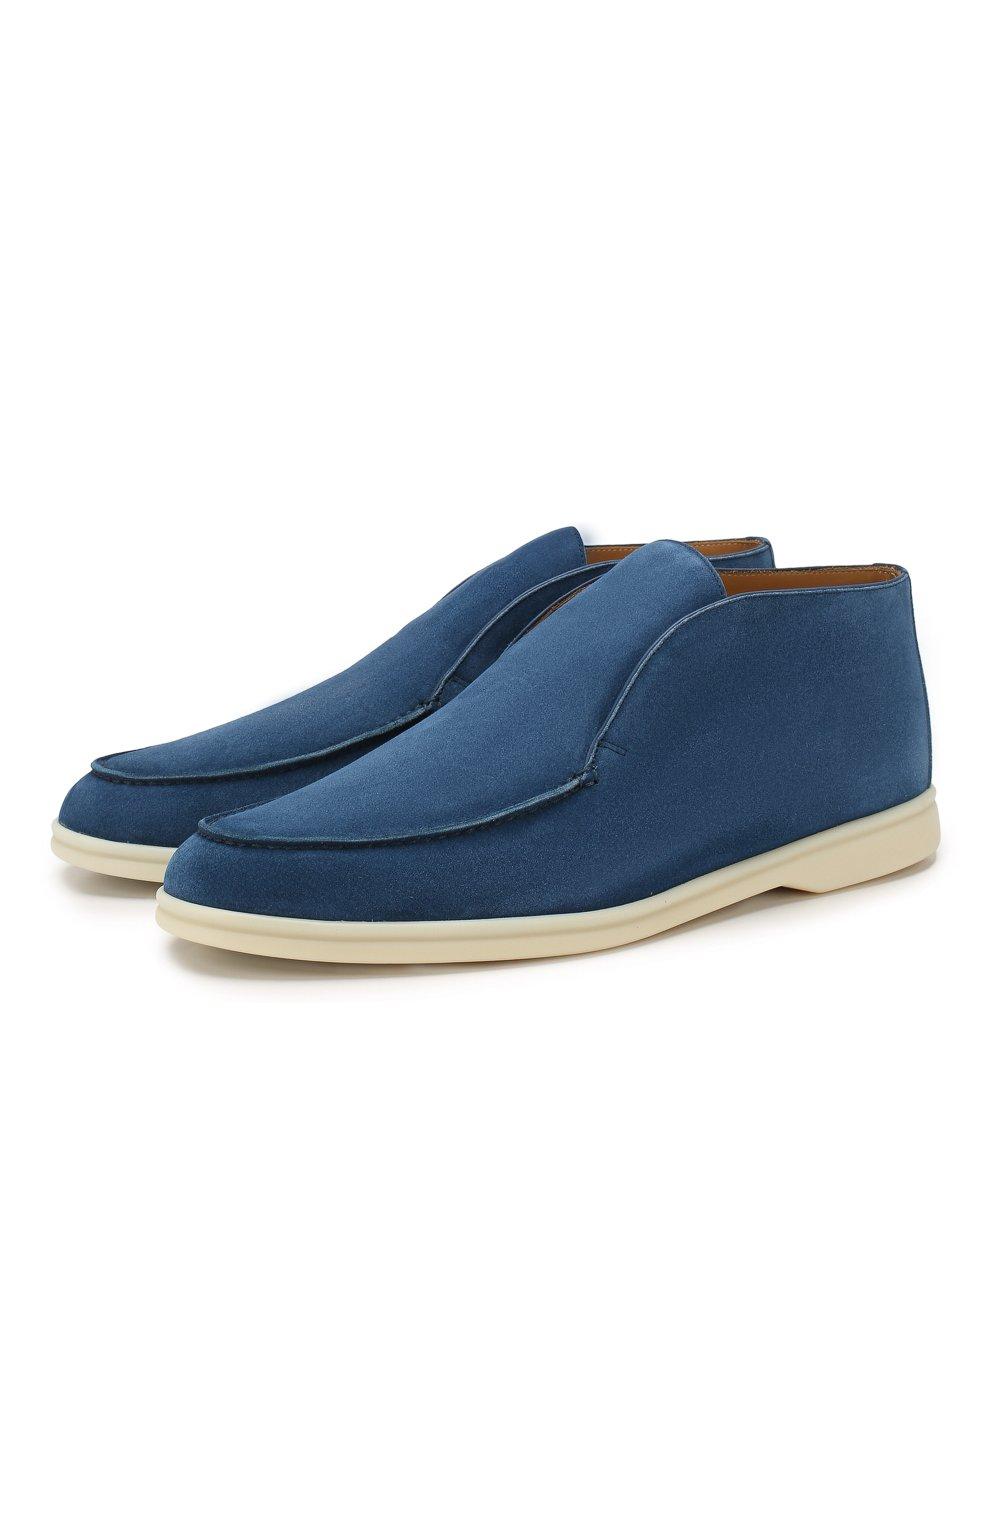 Мужские замшевые ботинки open walk LORO PIANA темно-синего цвета, арт. FAB4368   Фото 1 (Мужское Кросс-КТ: Ботинки-обувь; Материал внутренний: Натуральная кожа; Подошва: Плоская; Материал внешний: Замша)